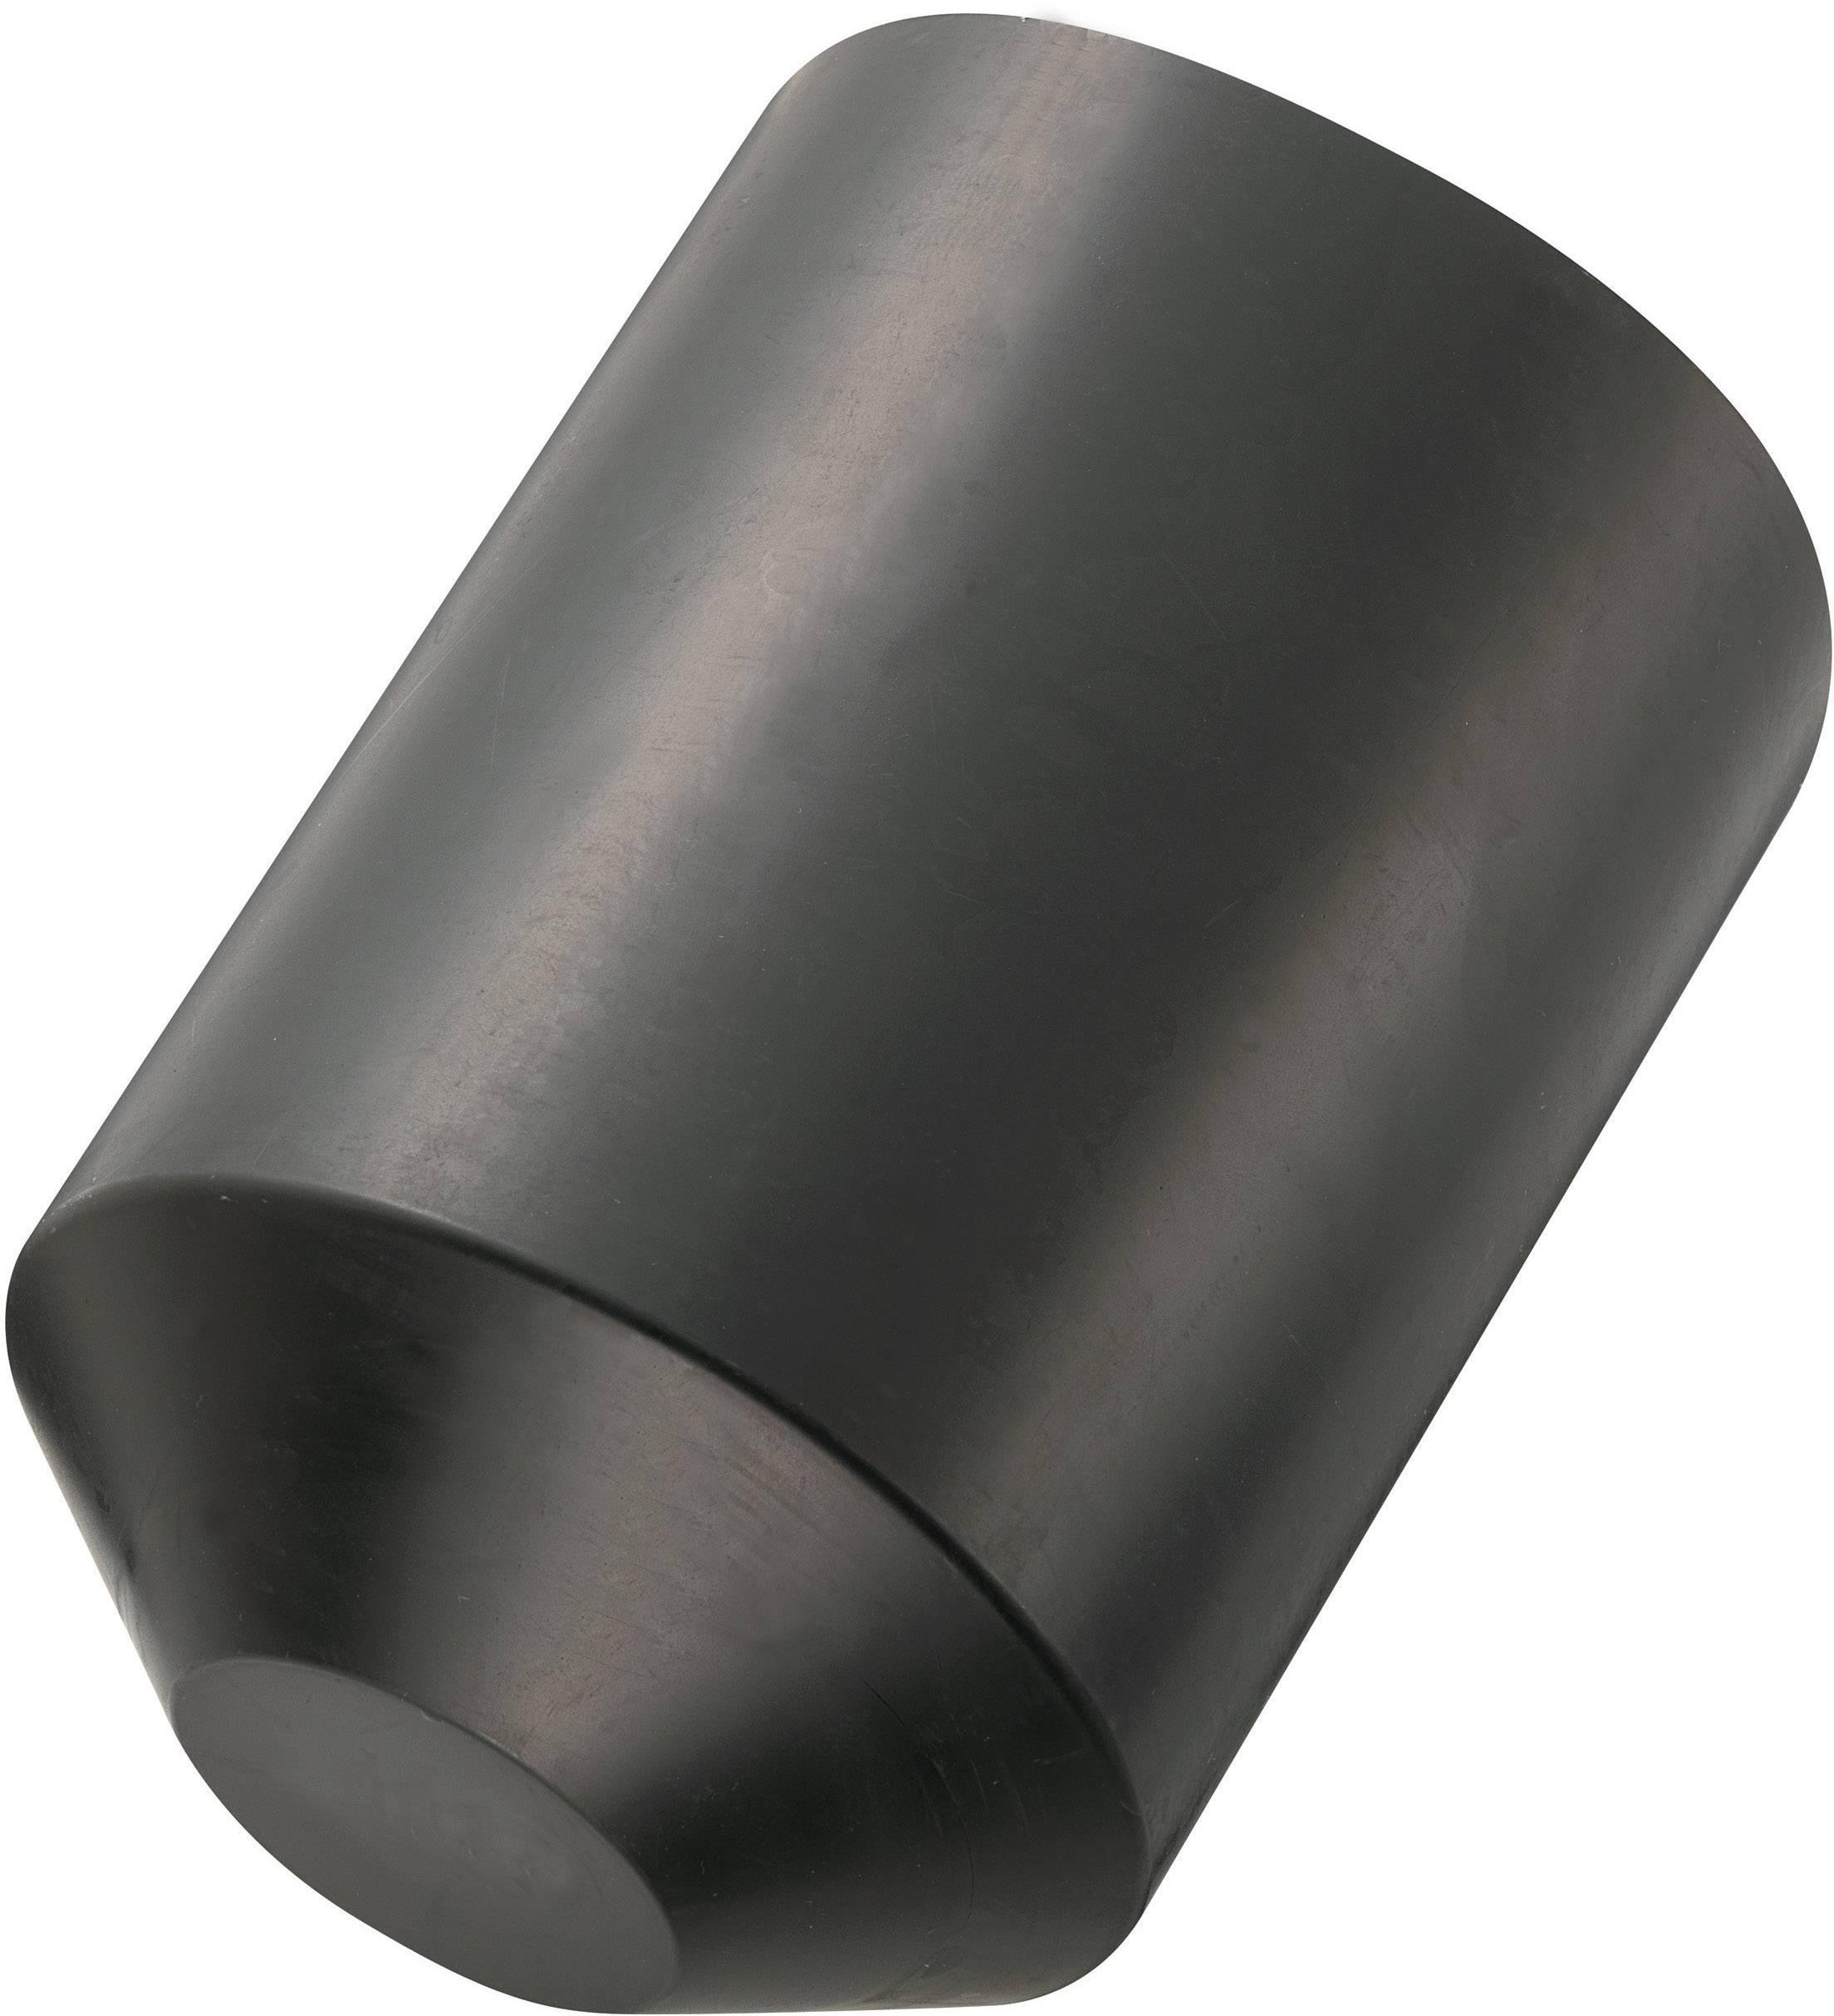 68mm ; Schrumpf Endkappe Schwarz WarmSchrumpf Endkappe 25,0-8,5mm ; L/änge